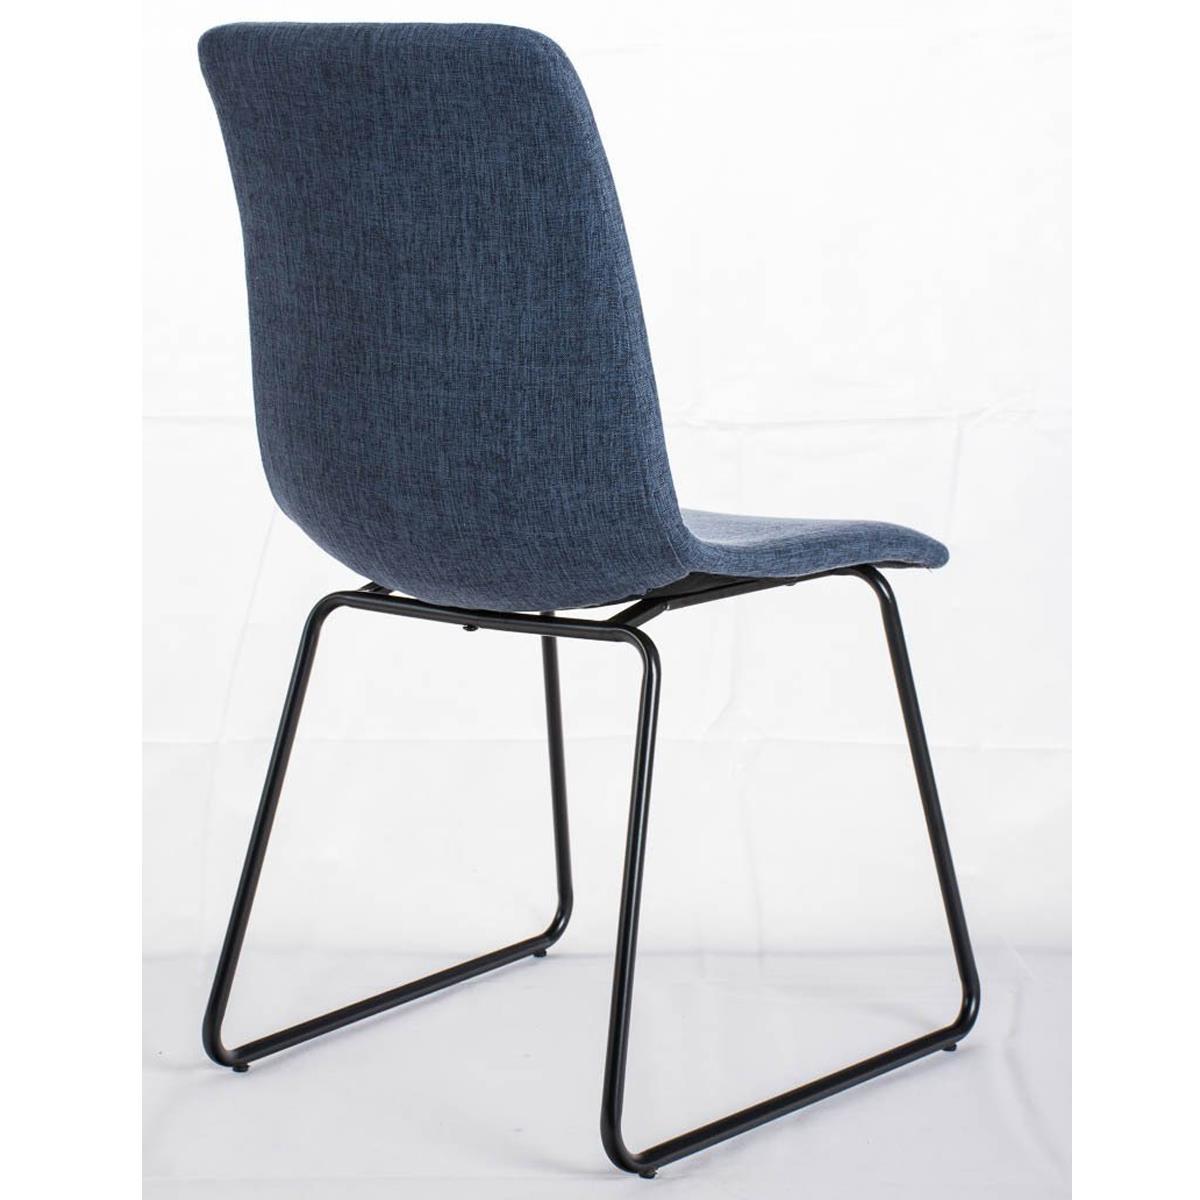 silla de comedor marina color azul y patas met licas